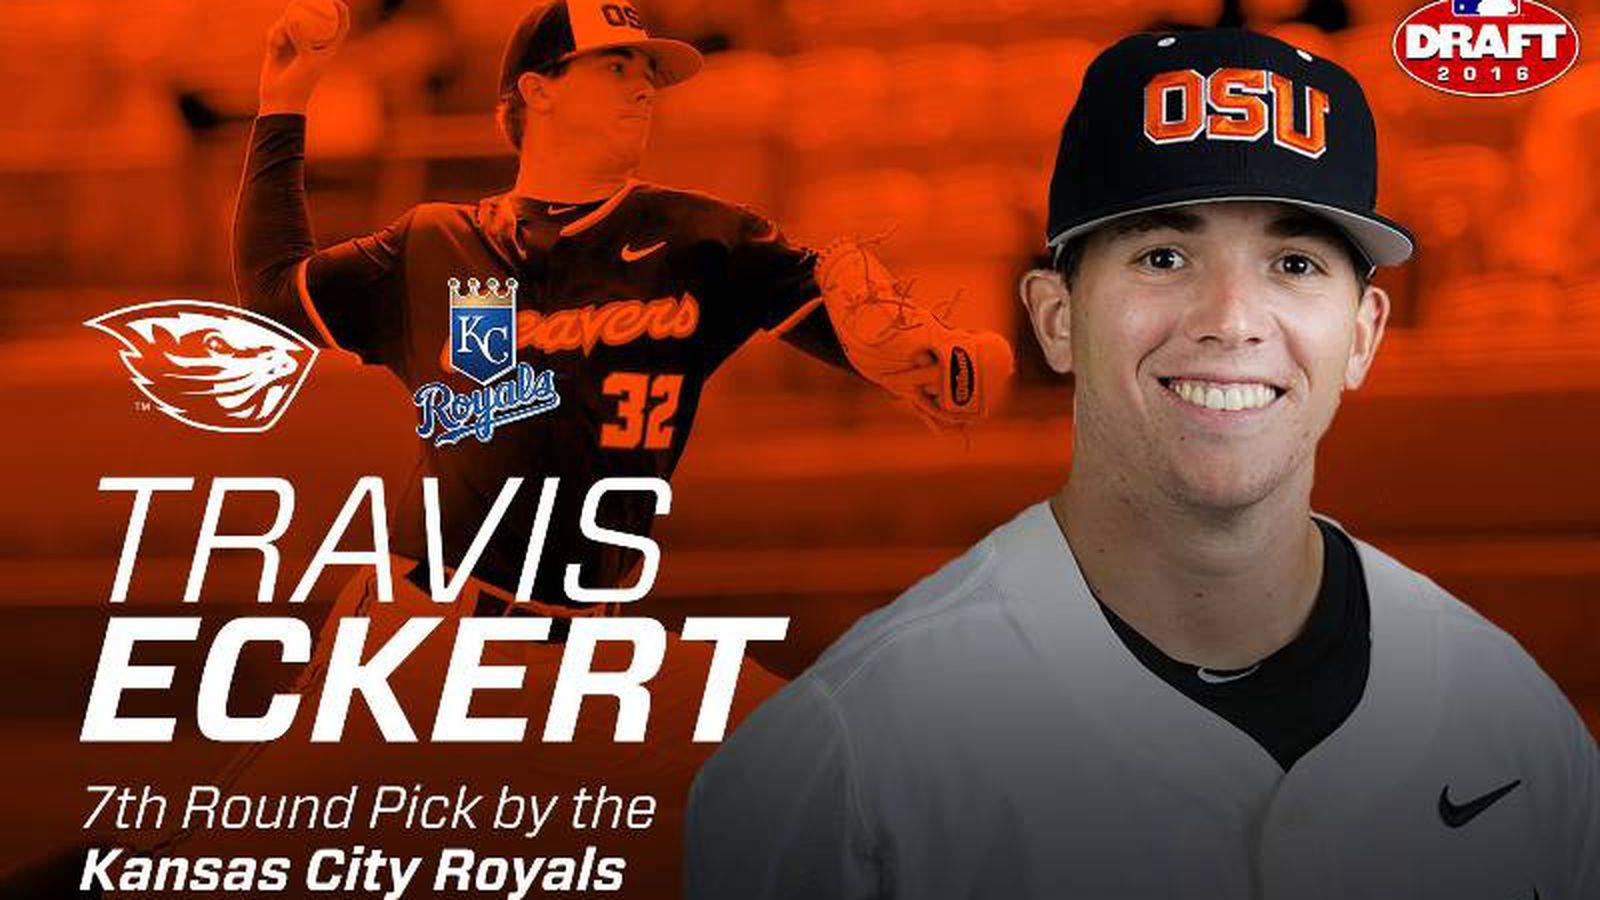 Travis_eckert_drafted.0.0